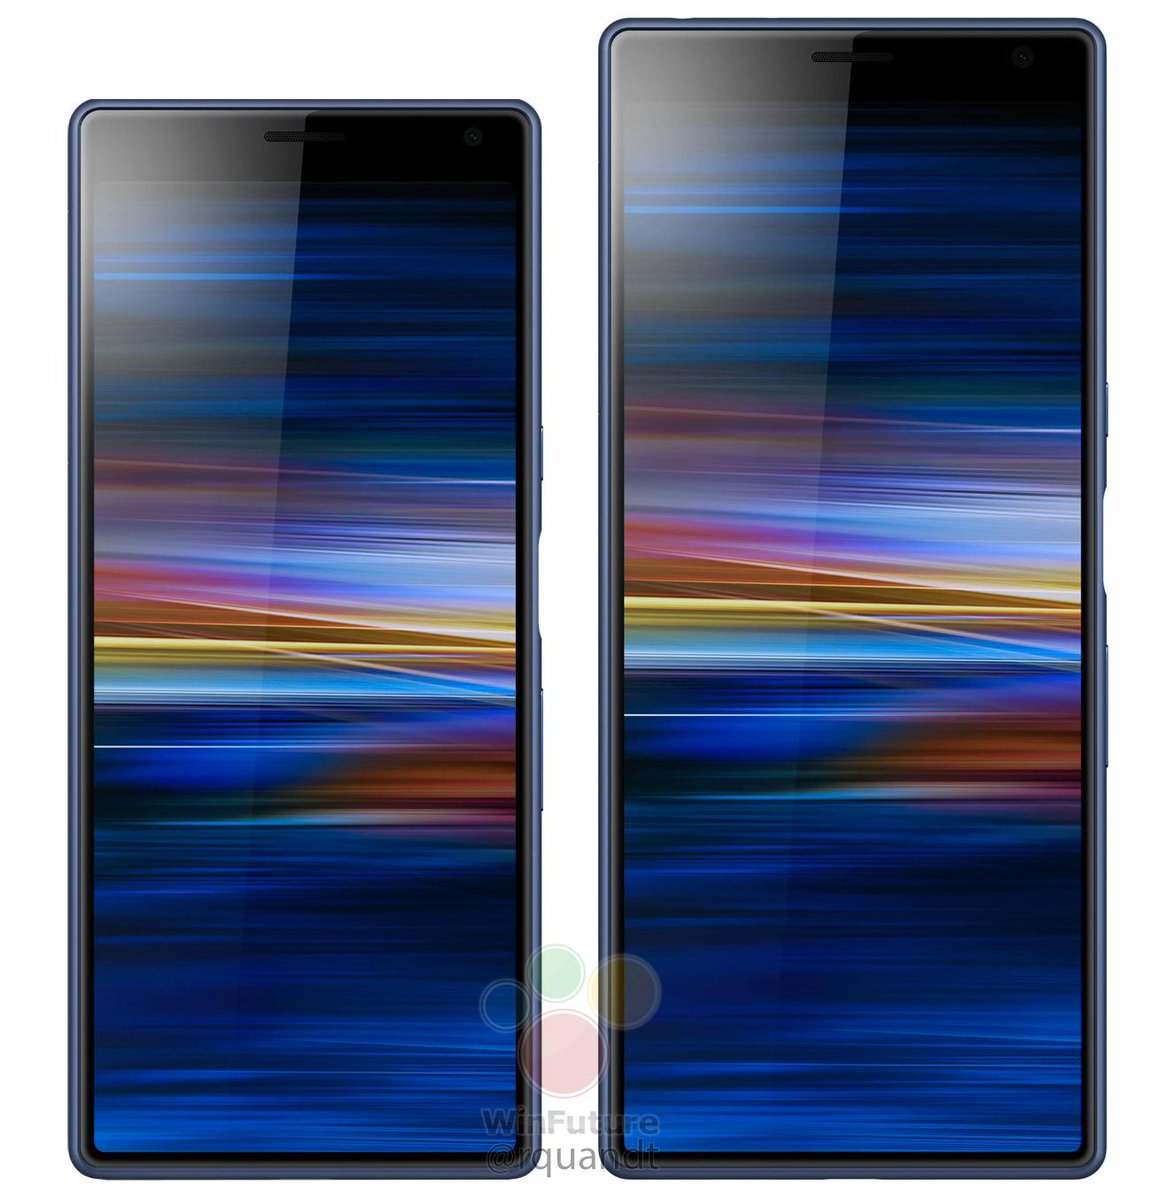 Tak ma wyglądać Sony Xperia 10 (mniejsza) i Xperia 10 Plus (większa)